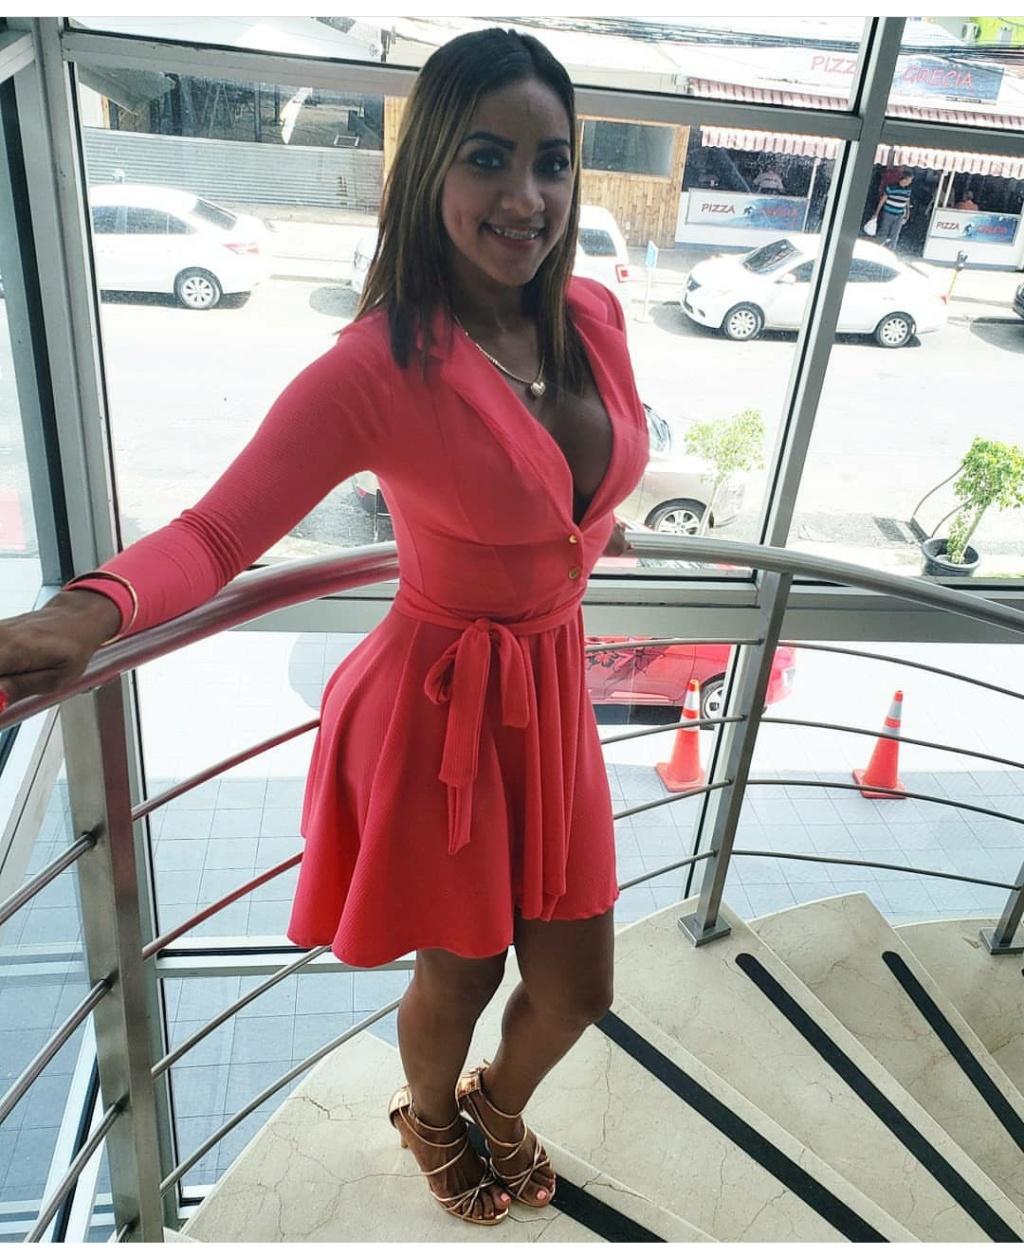 ¿Cuánto mide Zuany Tatiana? Img_2204